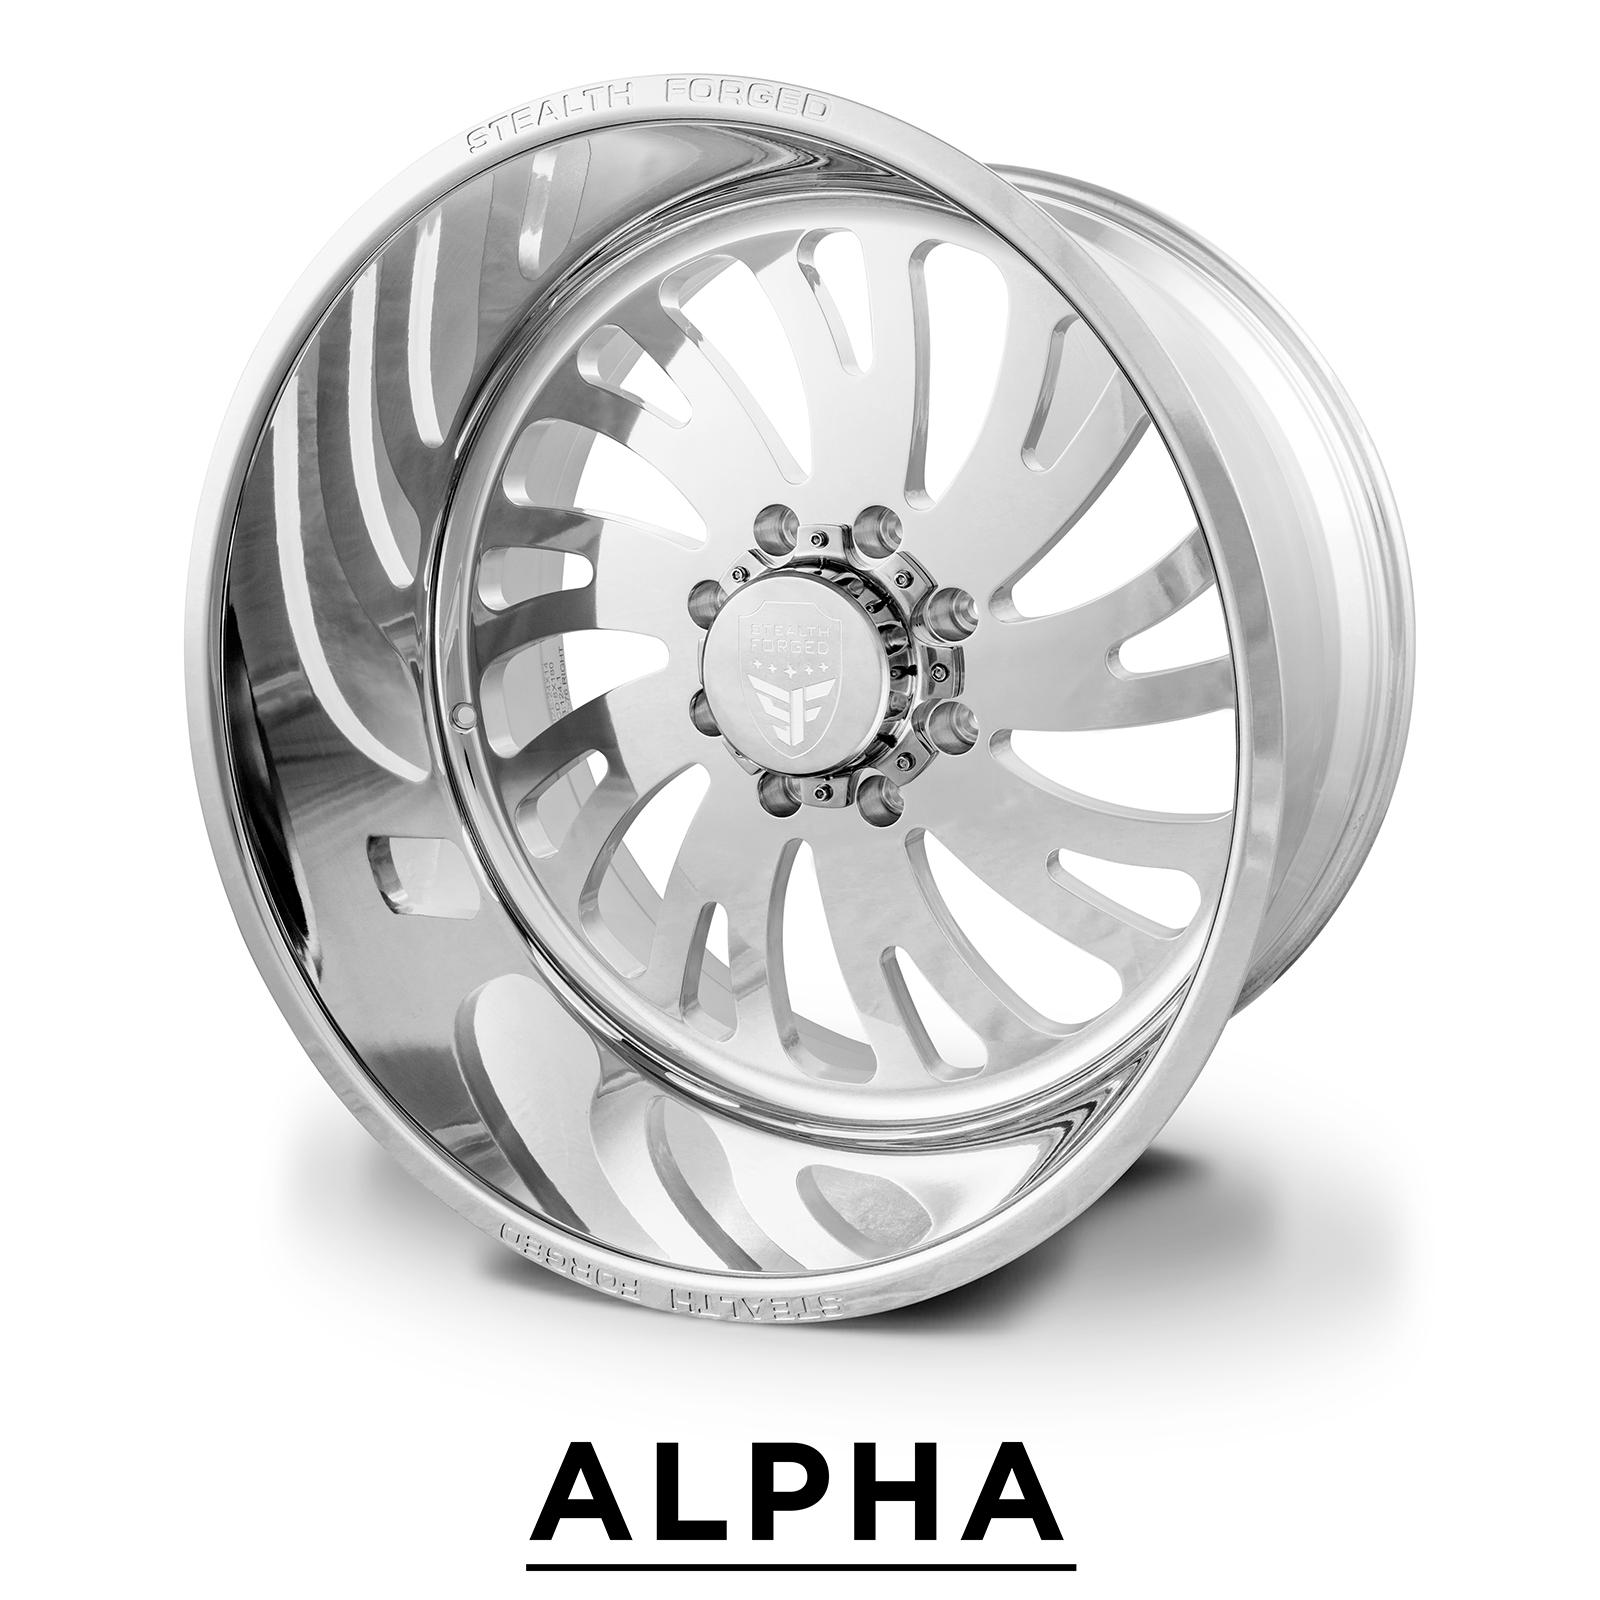 stealthf003-alpha.jpg